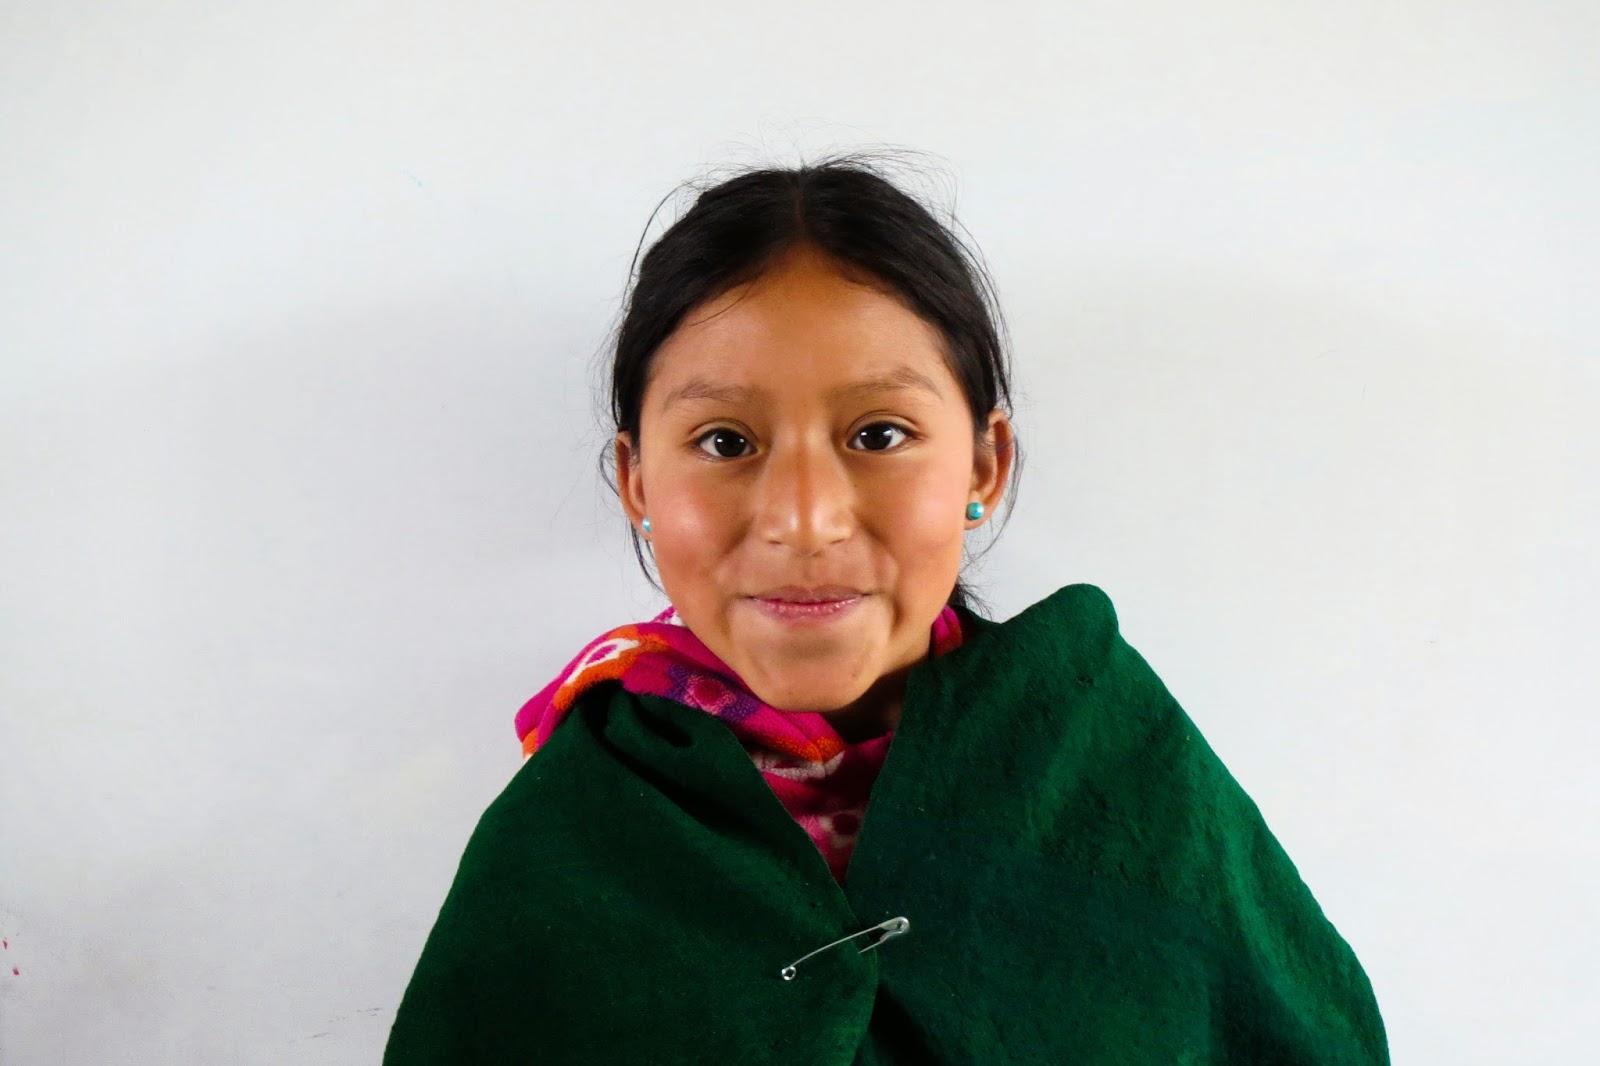 Ligia, Age 11